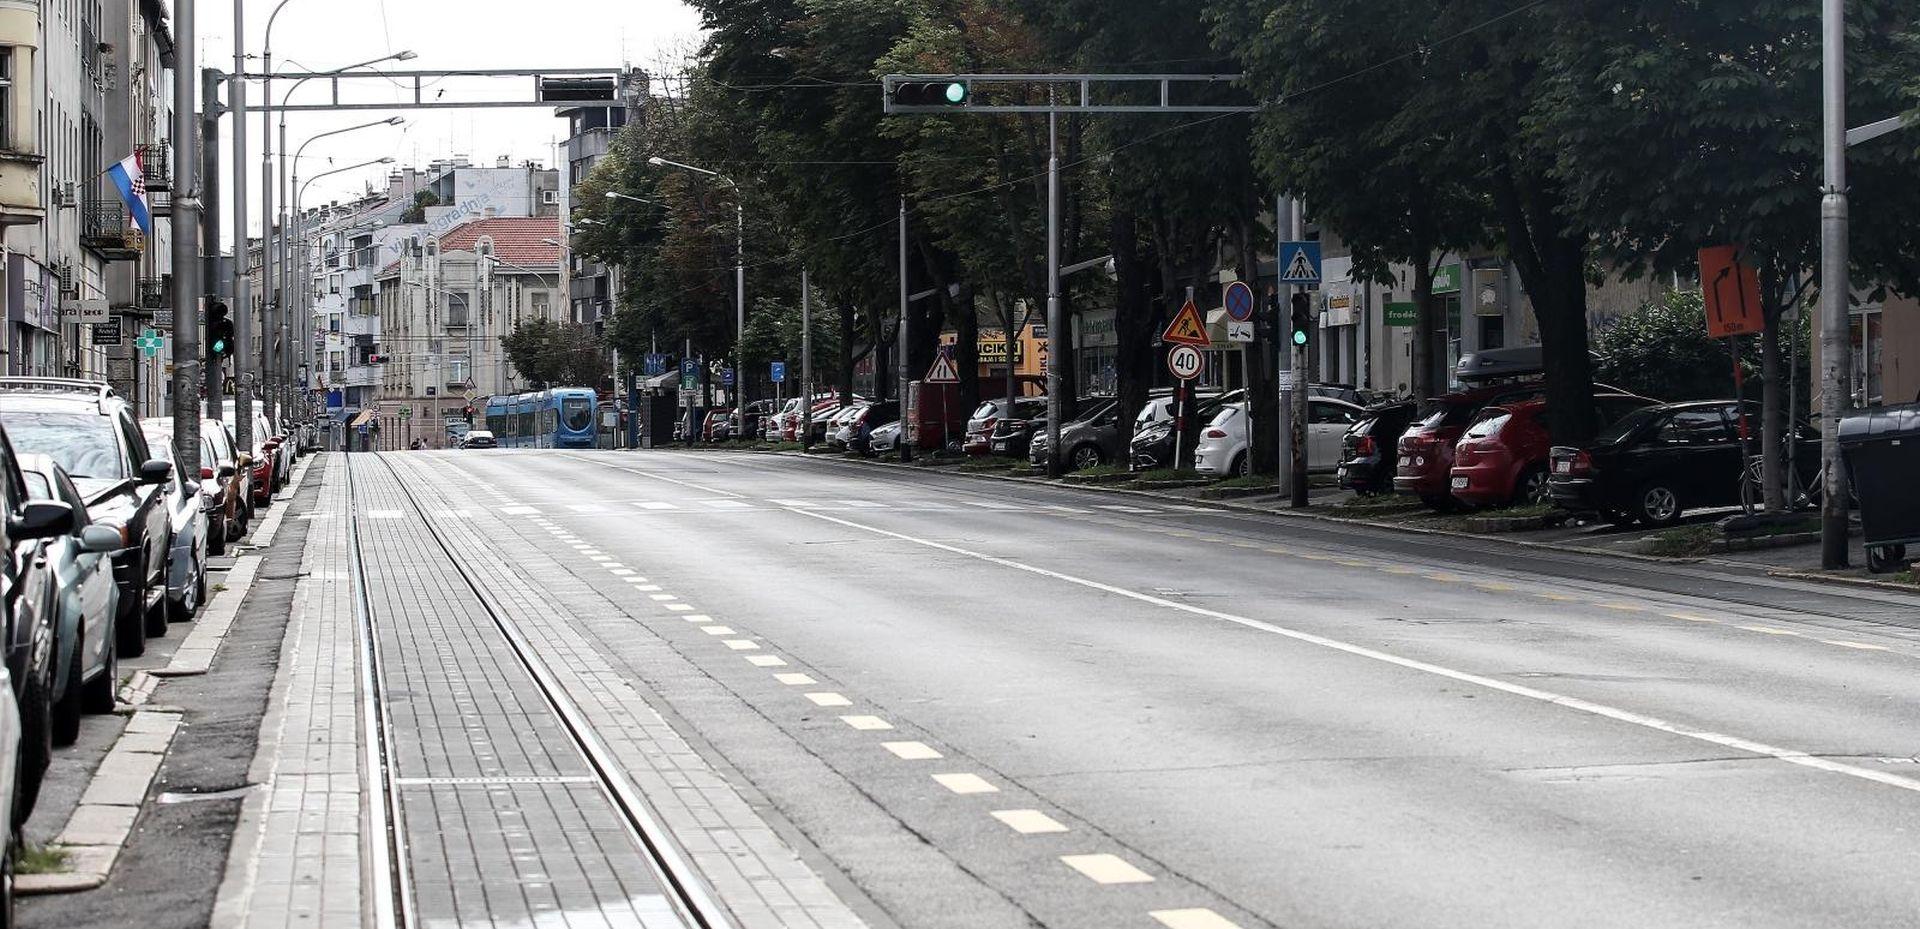 Zatvoren promet na Maksimirskoj zbog puknuća vodovodne cijevi